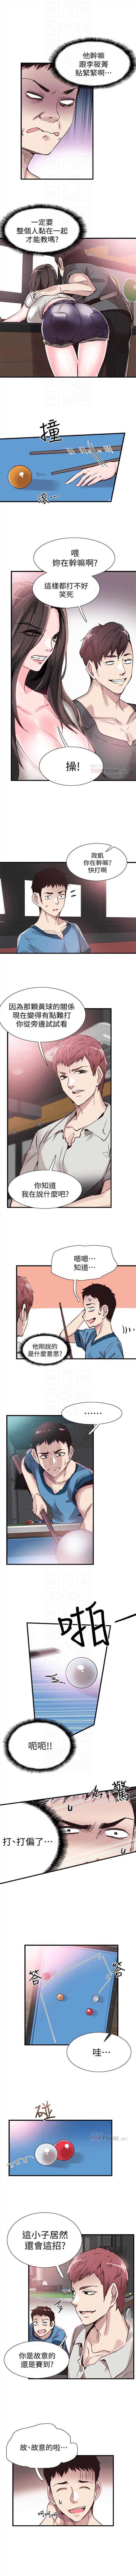 (週7)校園live秀 1-50 中文翻譯(更新中) 199